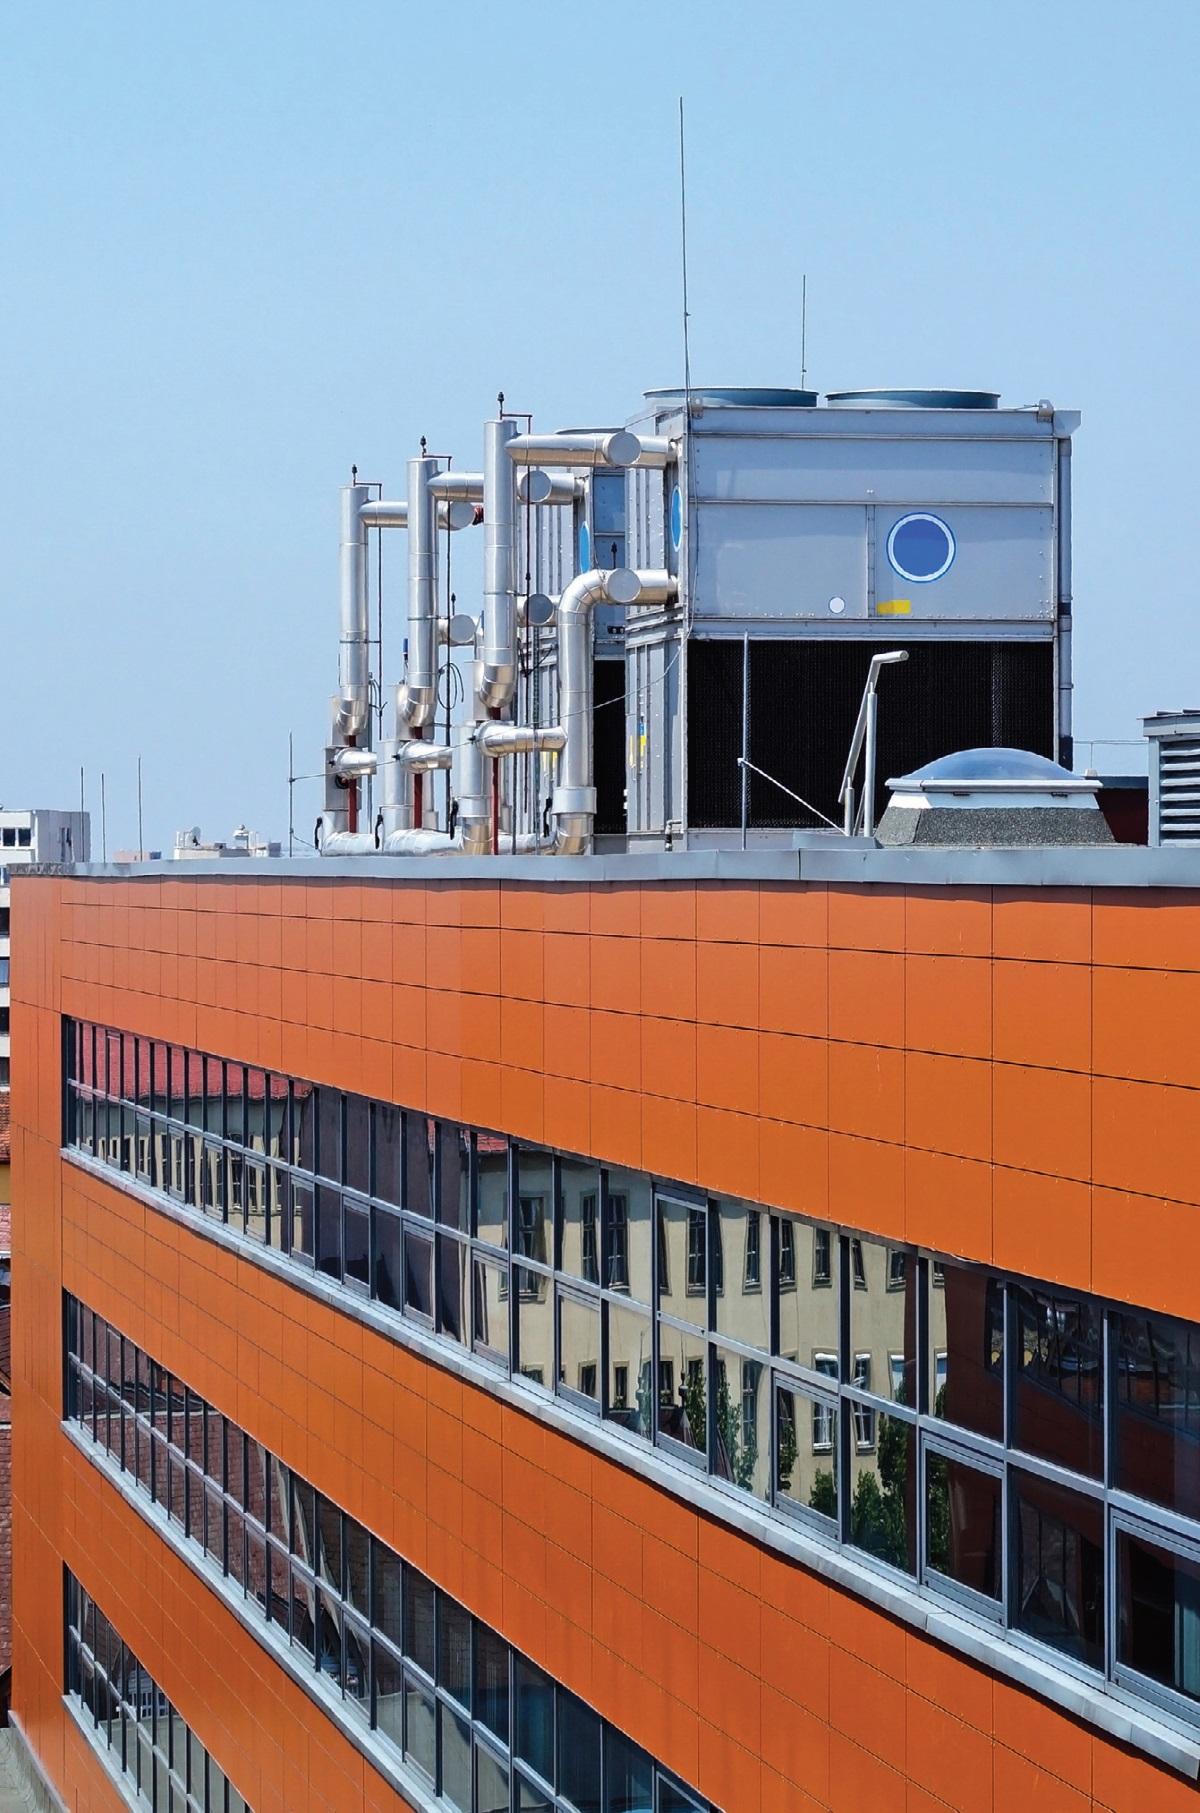 Fot. 1. Dzięki centralom dachowym typu rooftop zyskuje się wentylowanie, chłodzenie i ogrzewanie pomieszczeń wielkokubaturowych. Fot. FOTOLIA